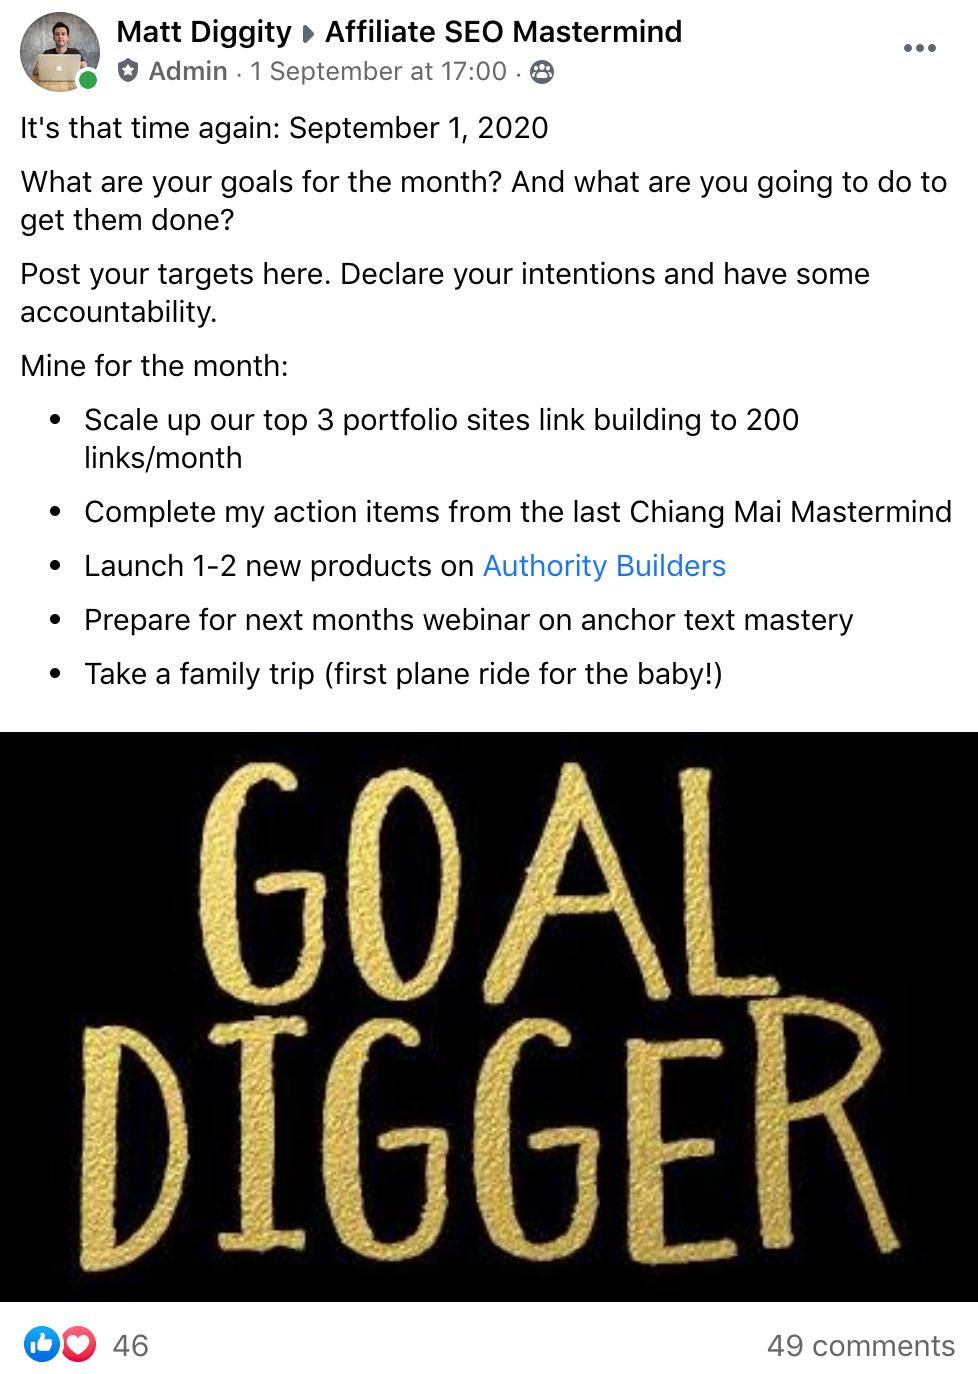 matt diggity goal setting